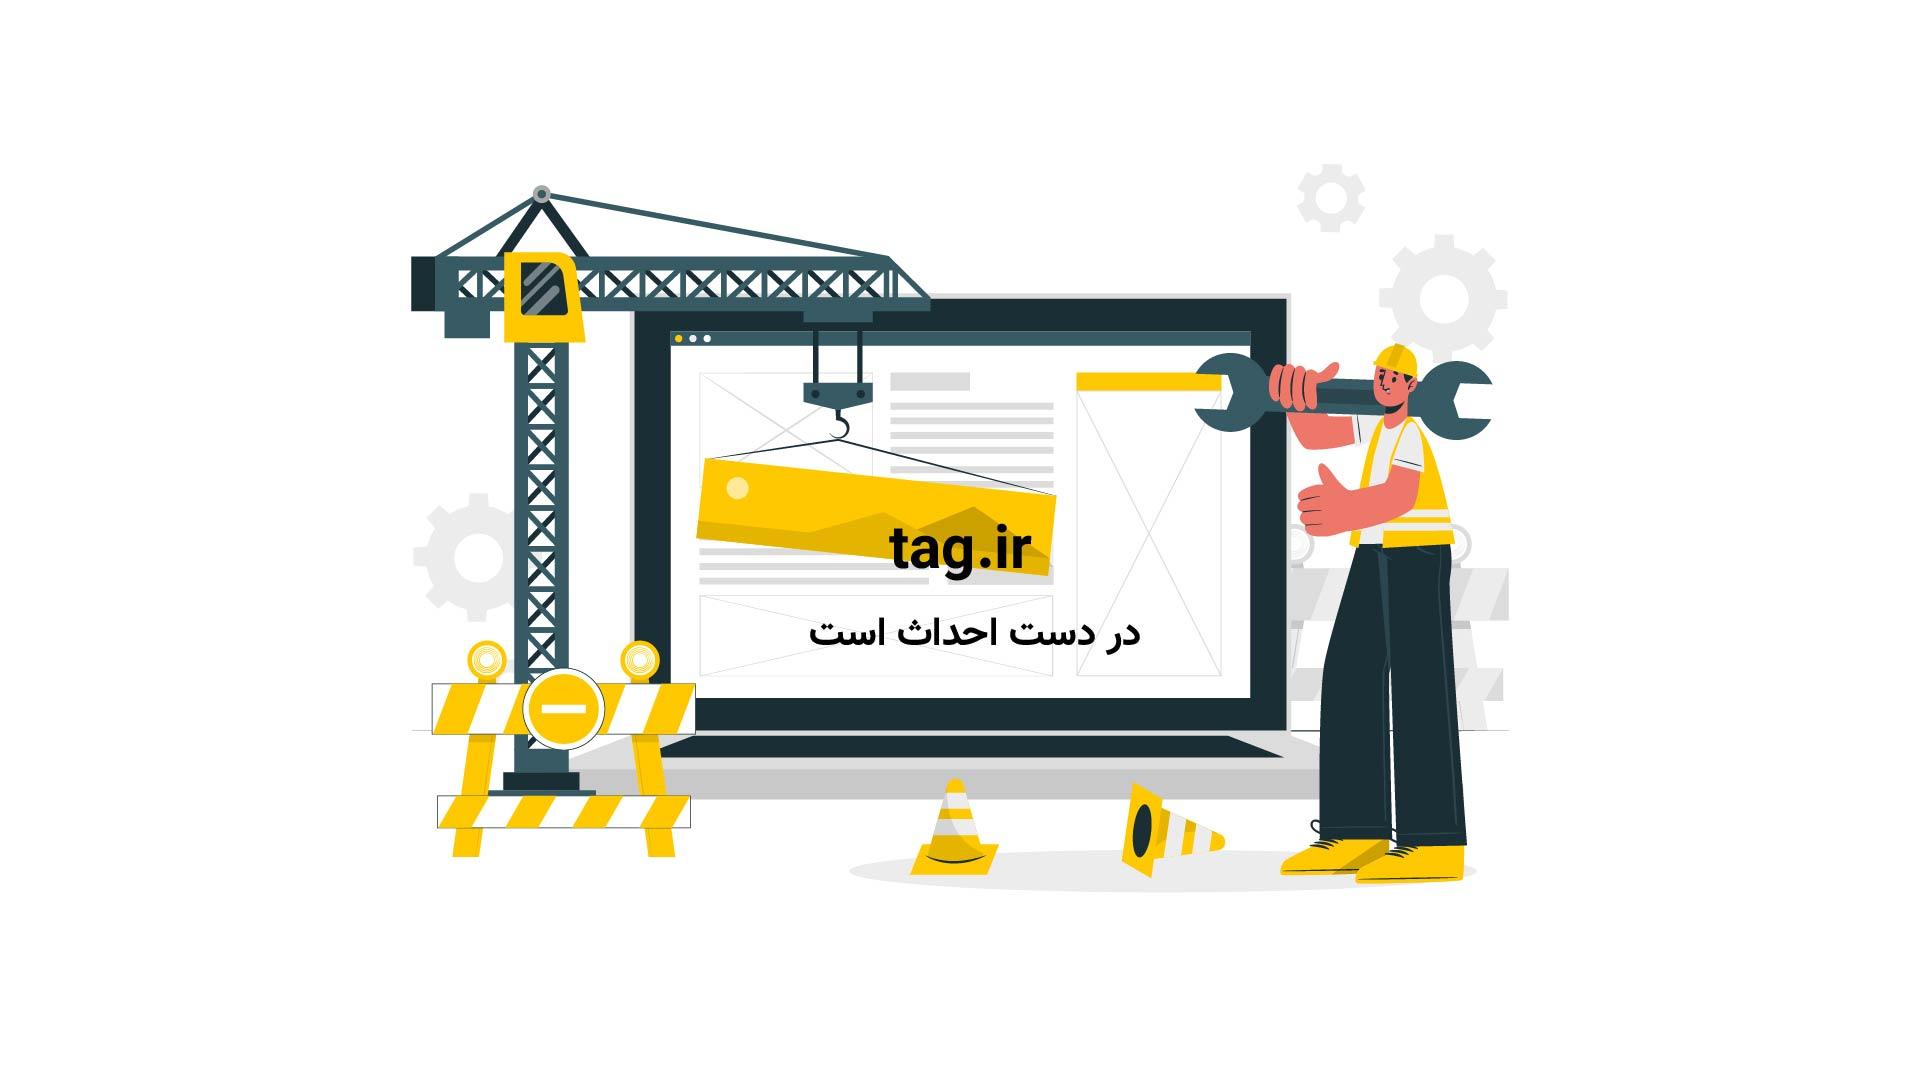 ماموریت سگ برگرداندن وسایل فراموش شده مسافران در فرودگاه | فیلم